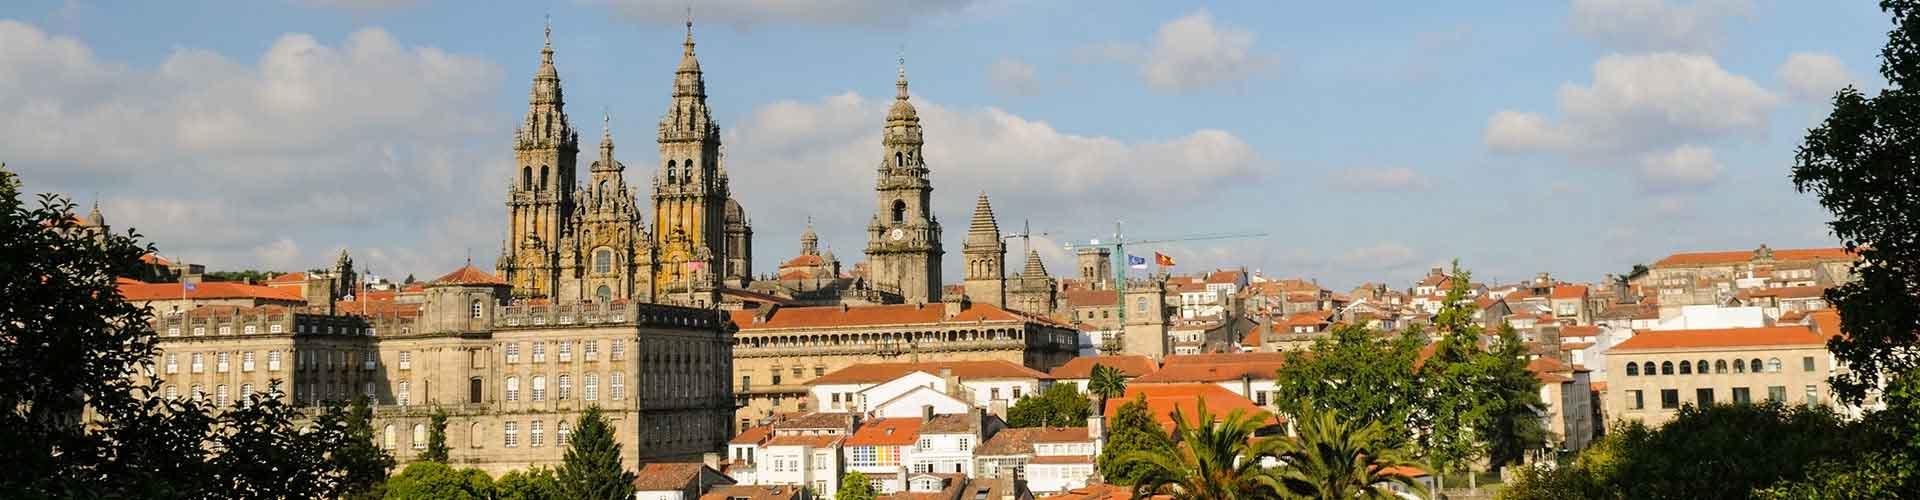 Santiago de Compostela - Hôtels à Santiago de Compostela. Cartes pour Santiago de Compostela, photos et commentaires pour chaque hôtel à Santiago de Compostela.